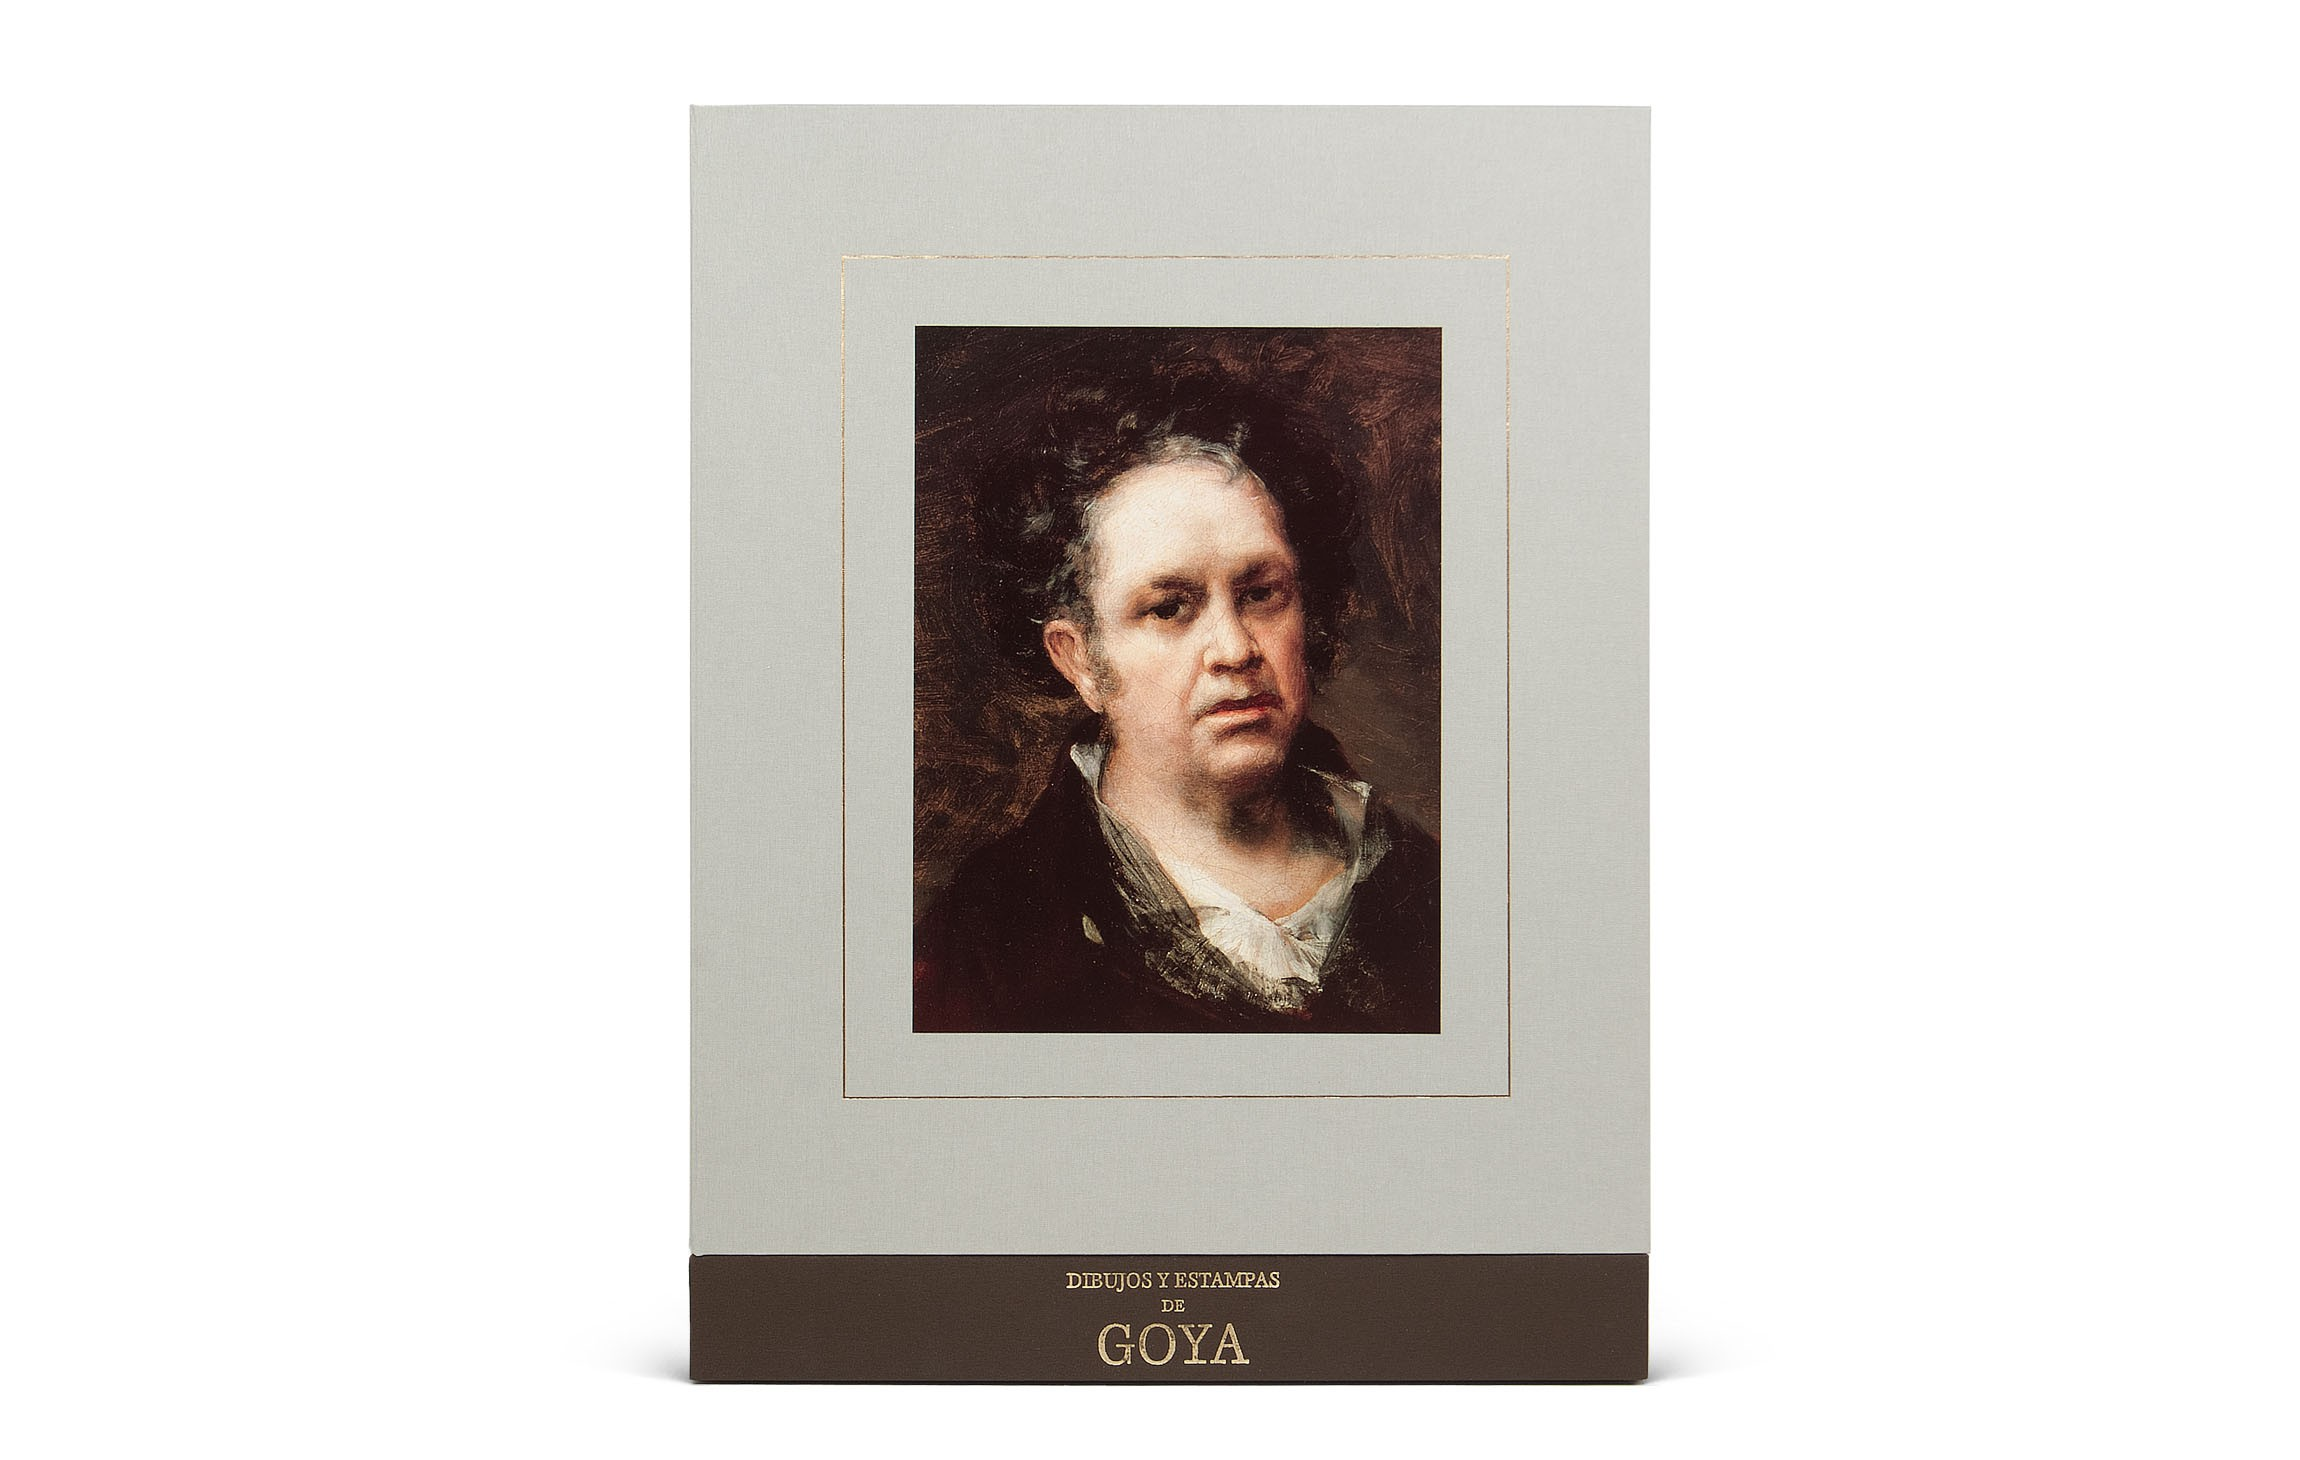 Facsímil Dibujos y Estampas de Francisco de Goya